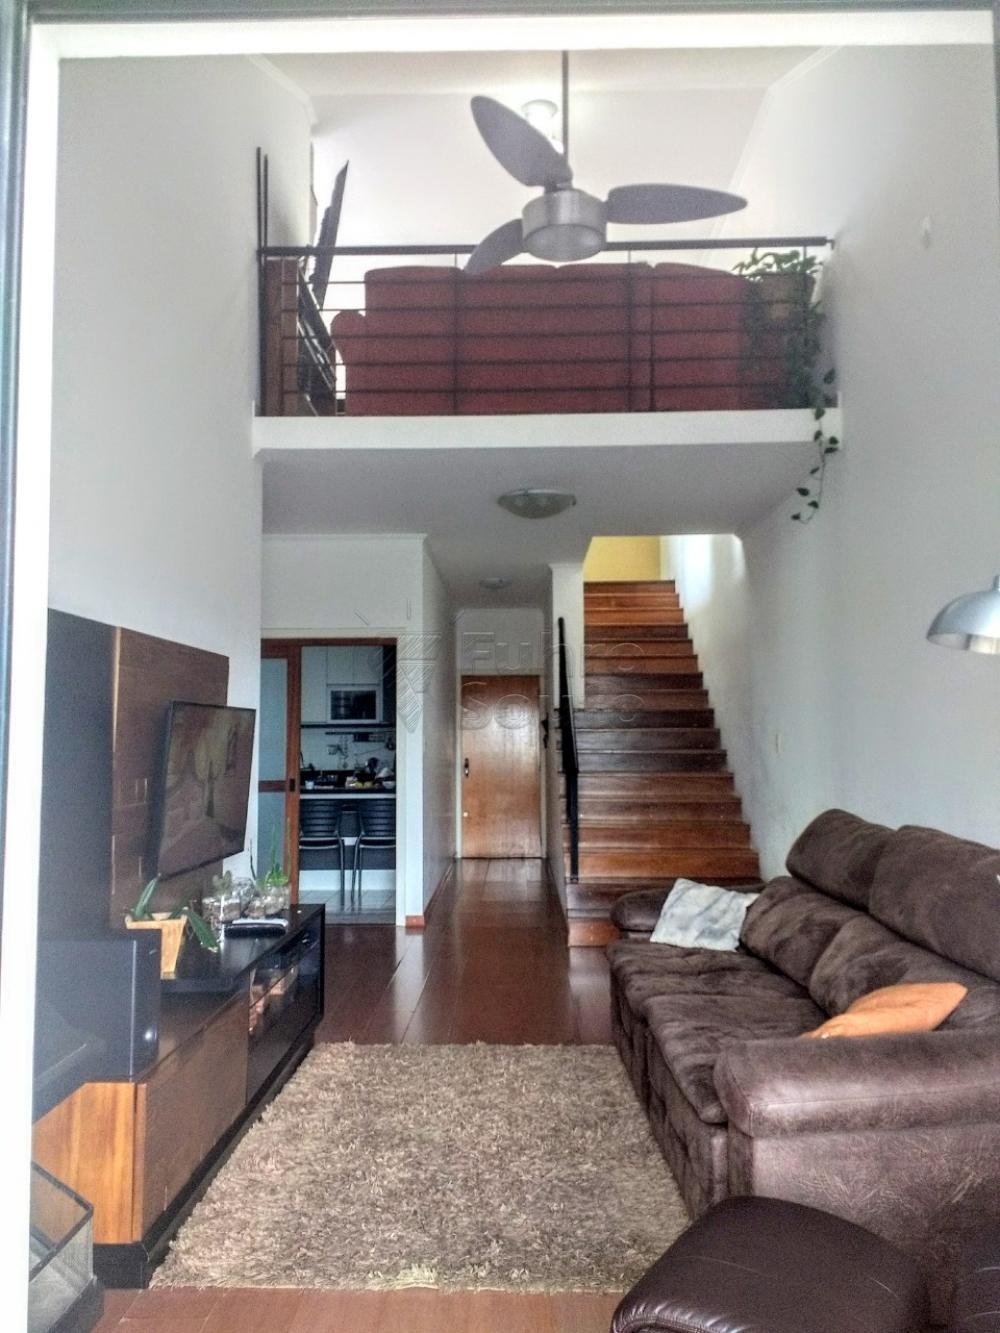 Comprar Apartamento / Cobertura em Pelotas R$ 750.000,00 - Foto 2